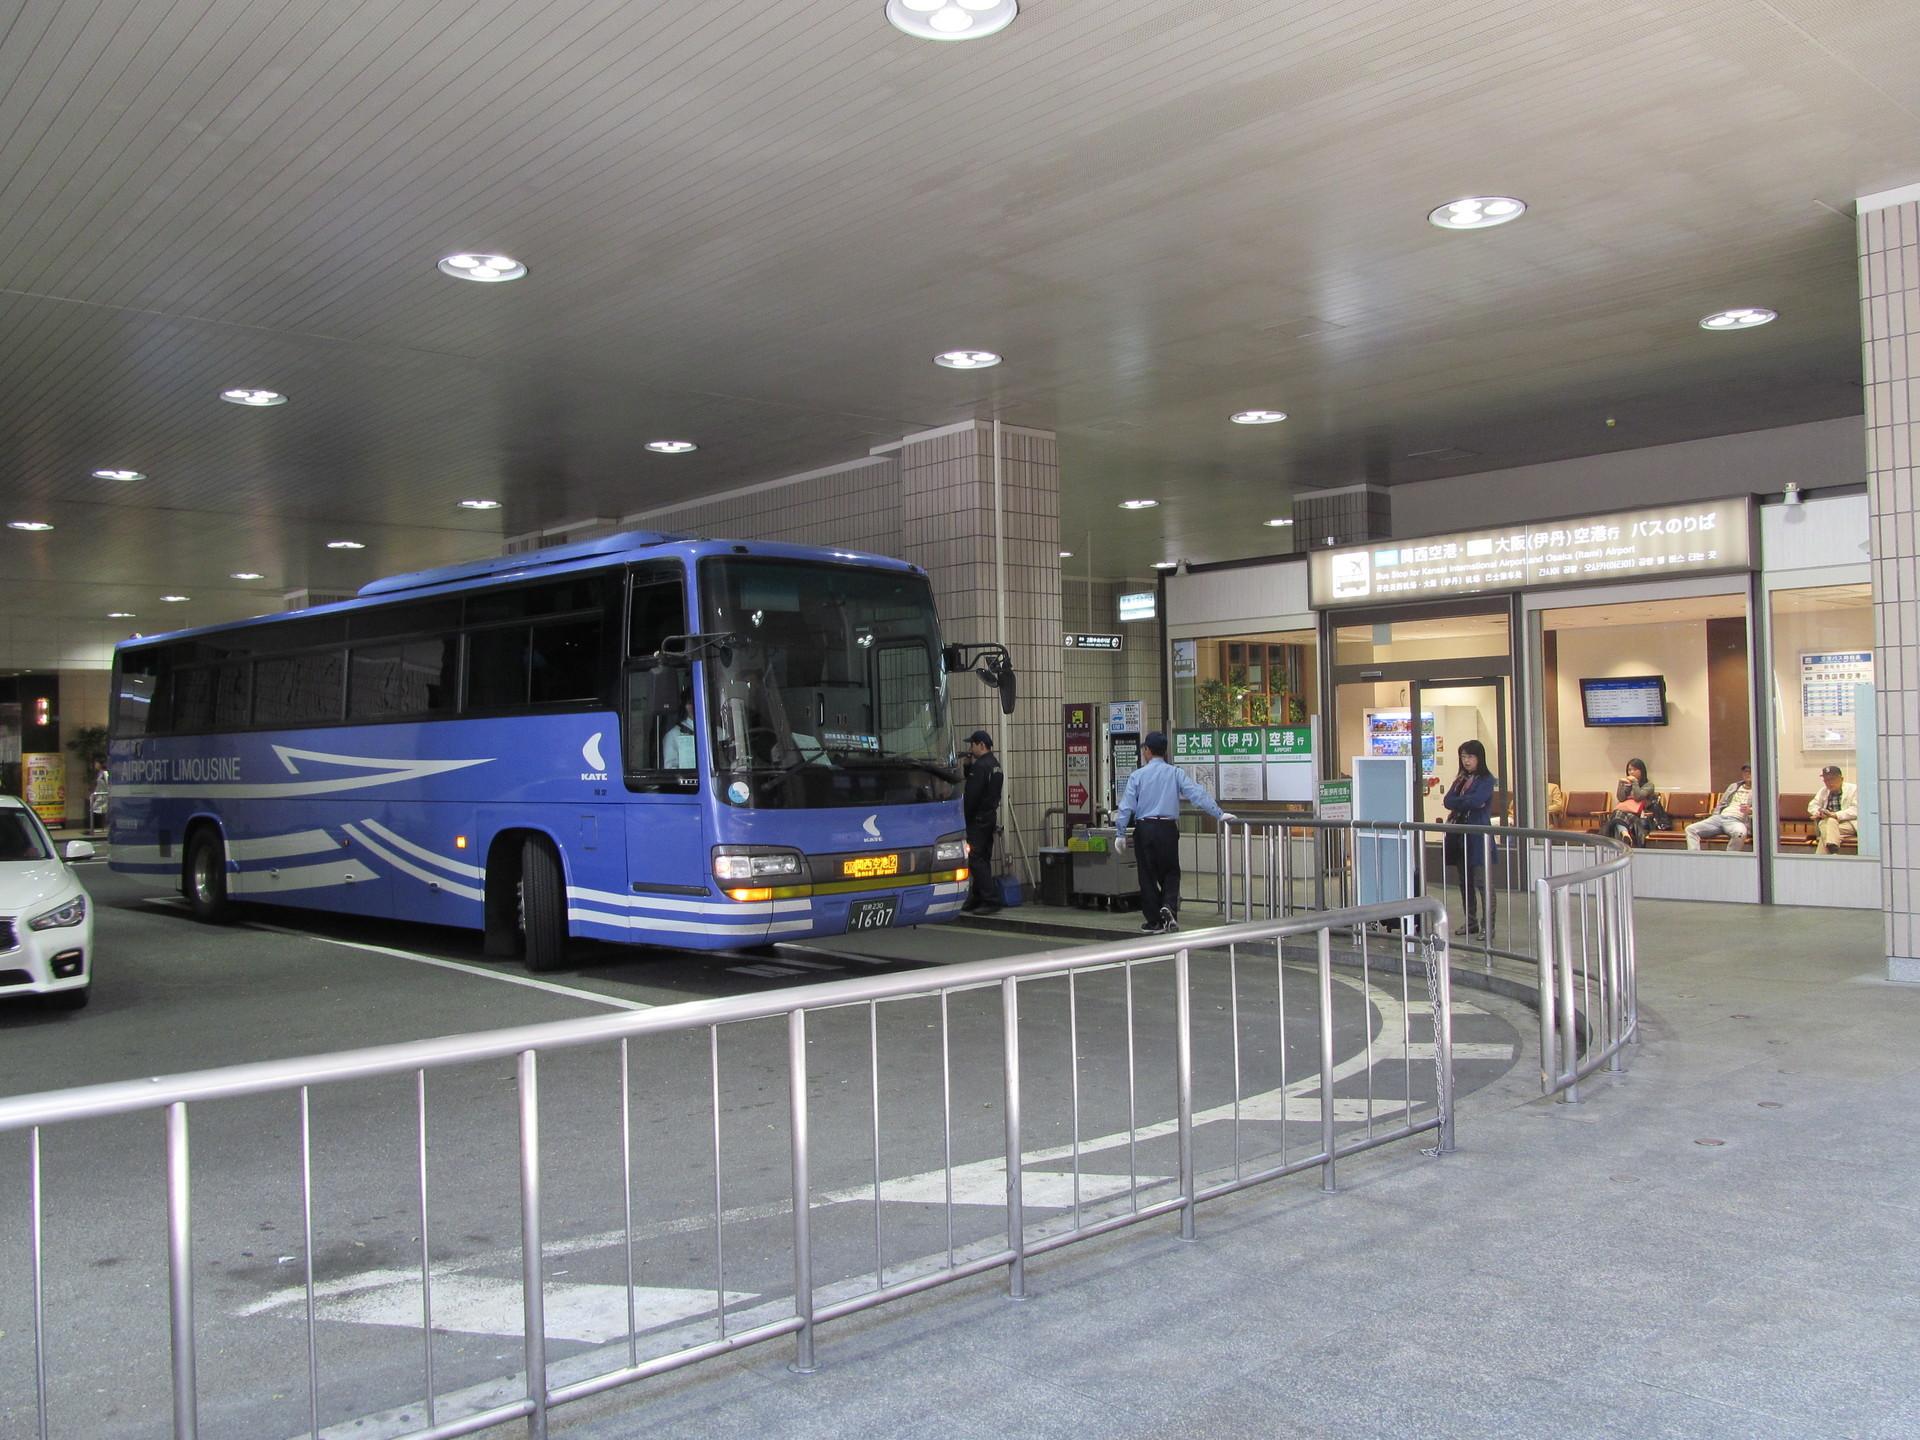 42空港(関空、伊丹)ゆきバスのりば阪急梅田駅1階: 梅田デート